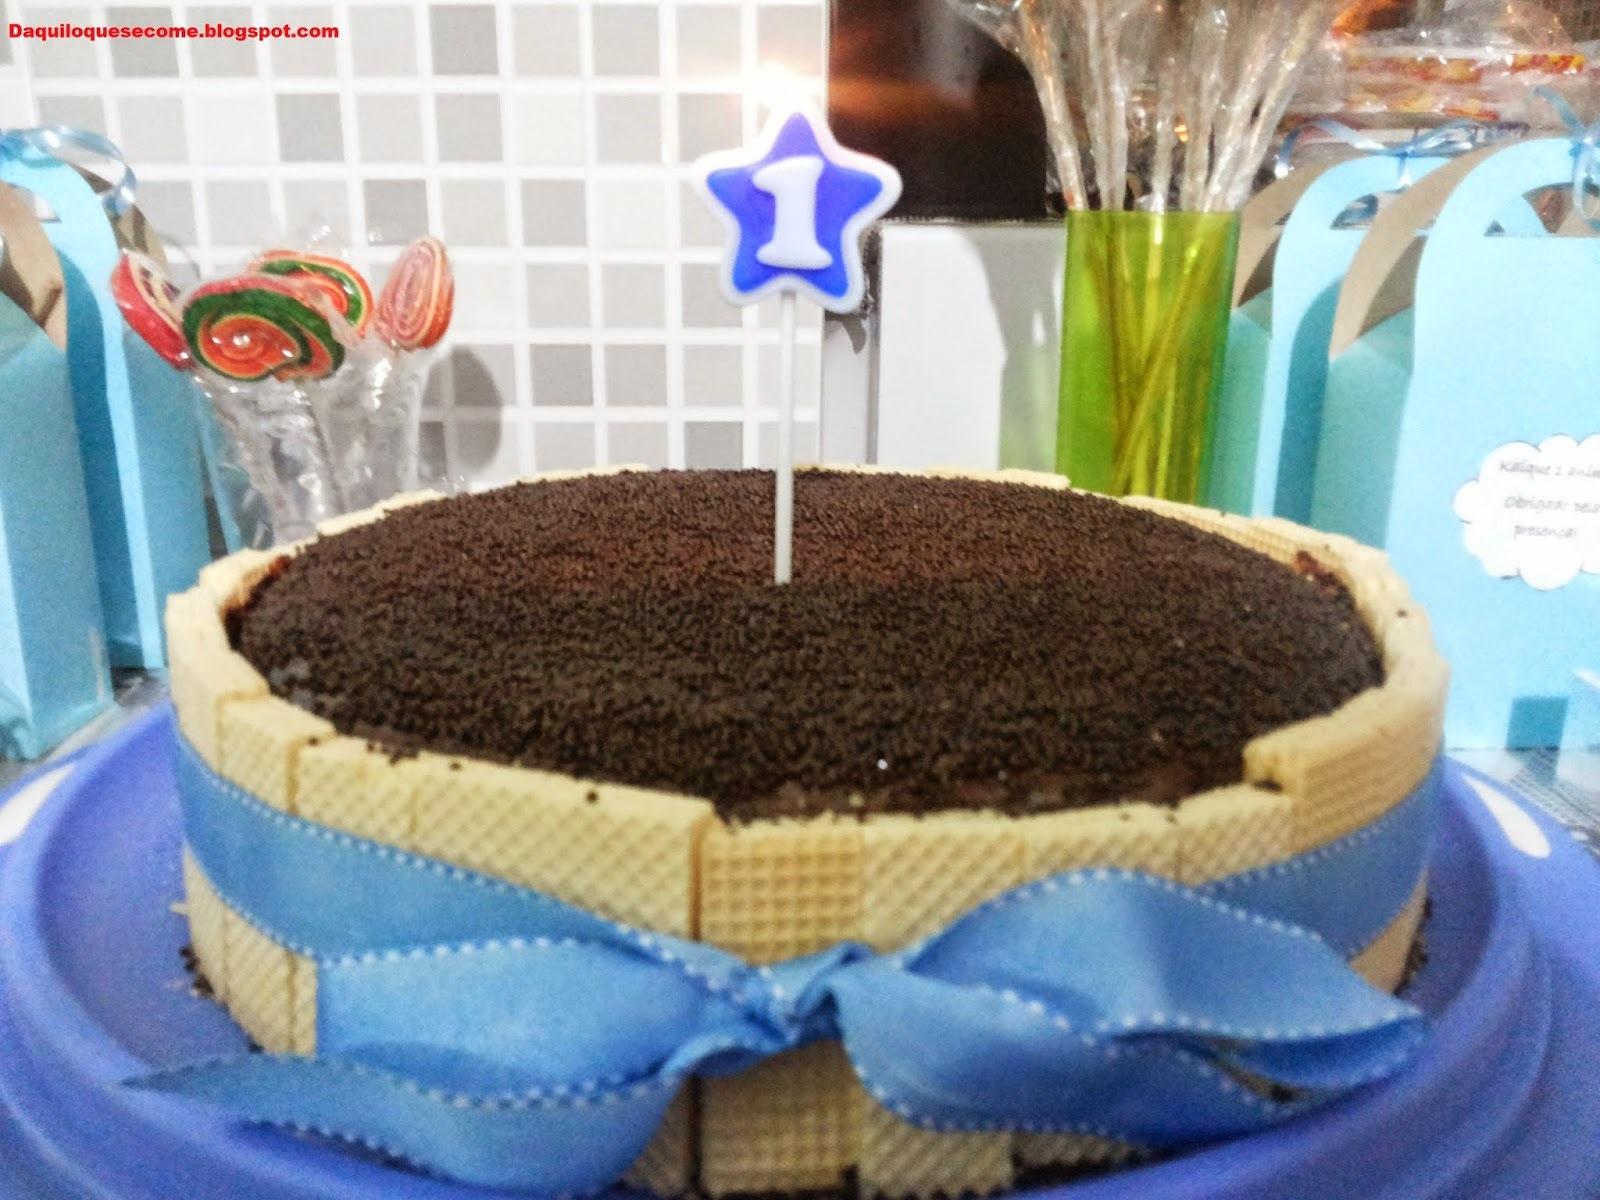 cobertura para bolo de aniversario azul